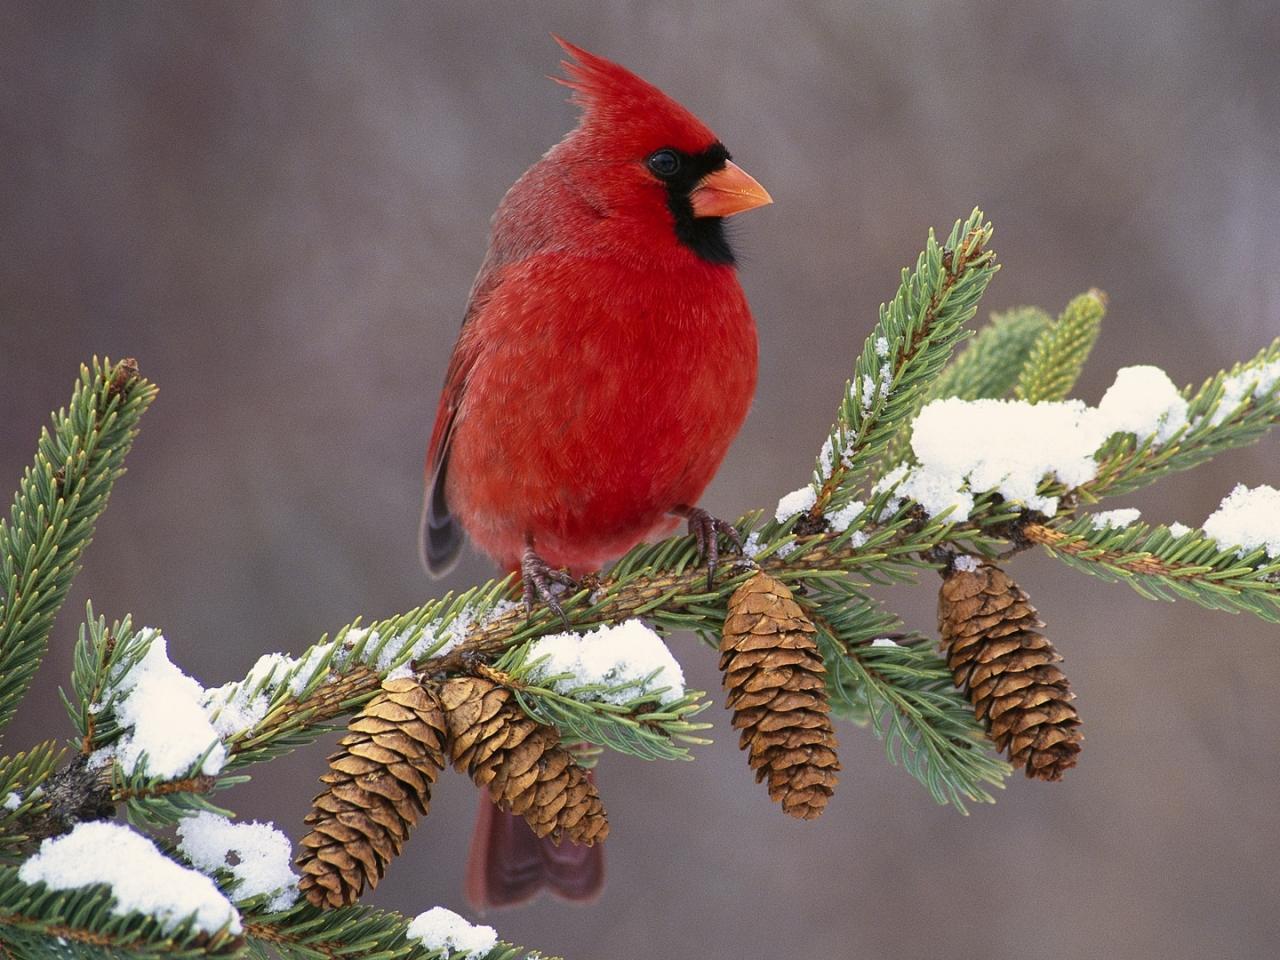 Red Cardinal Bird Heaven